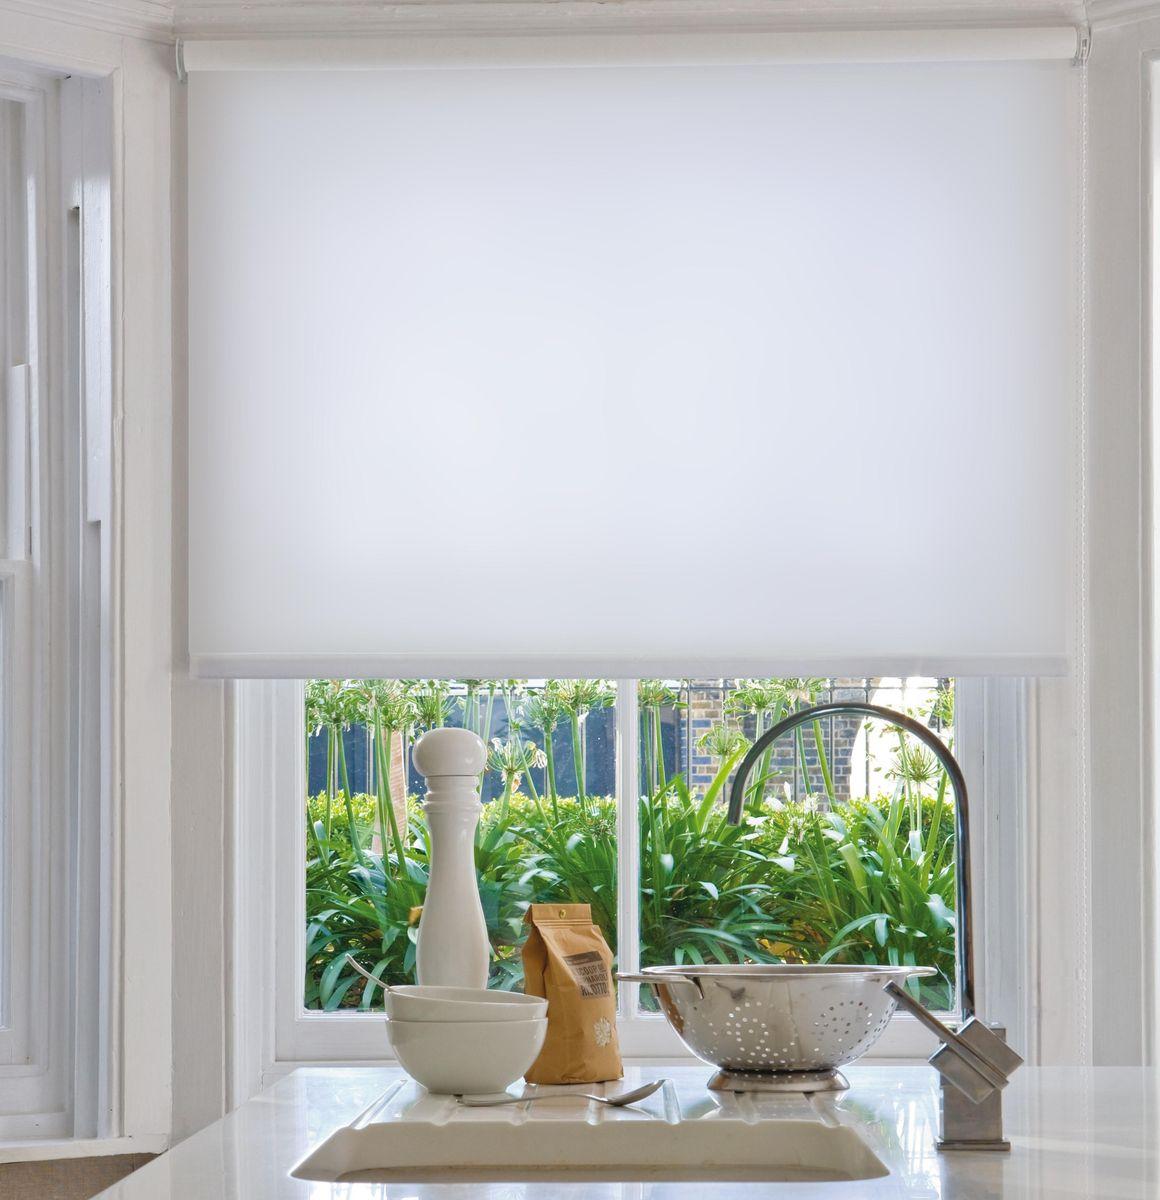 Штора рулонная Эскар, цвет: белый, ширина 120 см, высота 170 см1004900000360Рулонными шторами Эскар можно оформлять окна как самостоятельно, так и использовать в комбинации с портьерами. Это поможет предотвратить выгорание дорогой ткани на солнце и соединит функционал рулонных с красотой навесных. Преимущества применения рулонных штор для пластиковых окон: - имеют прекрасный внешний вид: многообразие и фактурность материала изделия отлично смотрятся в любом интерьере;- многофункциональны: есть возможность подобрать шторы способные эффективно защитить комнату от солнца, при этом она не будет слишком темной;- есть возможность осуществить быстрый монтаж.ВНИМАНИЕ! Размеры ширины изделия указаны по ширине ткани! Ширина крепежа 3,5 см Во время эксплуатации не рекомендуется полностью разматывать рулон, чтобы не оторвать ткань от намоточного вала. В случае загрязнения поверхности ткани, чистку шторы проводят одним из способов, в зависимости от типа загрязнения:легкое поверхностное загрязнение можно удалить при помощи канцелярского ластика;чистка от пыли производится сухим методом при помощи пылесоса с мягкой щеткой-насадкой;для удаления пятна используйте мягкую губку с пенообразующим неагрессивным моющим средством или пятновыводитель на натуральной основе (нельзя применять растворители).